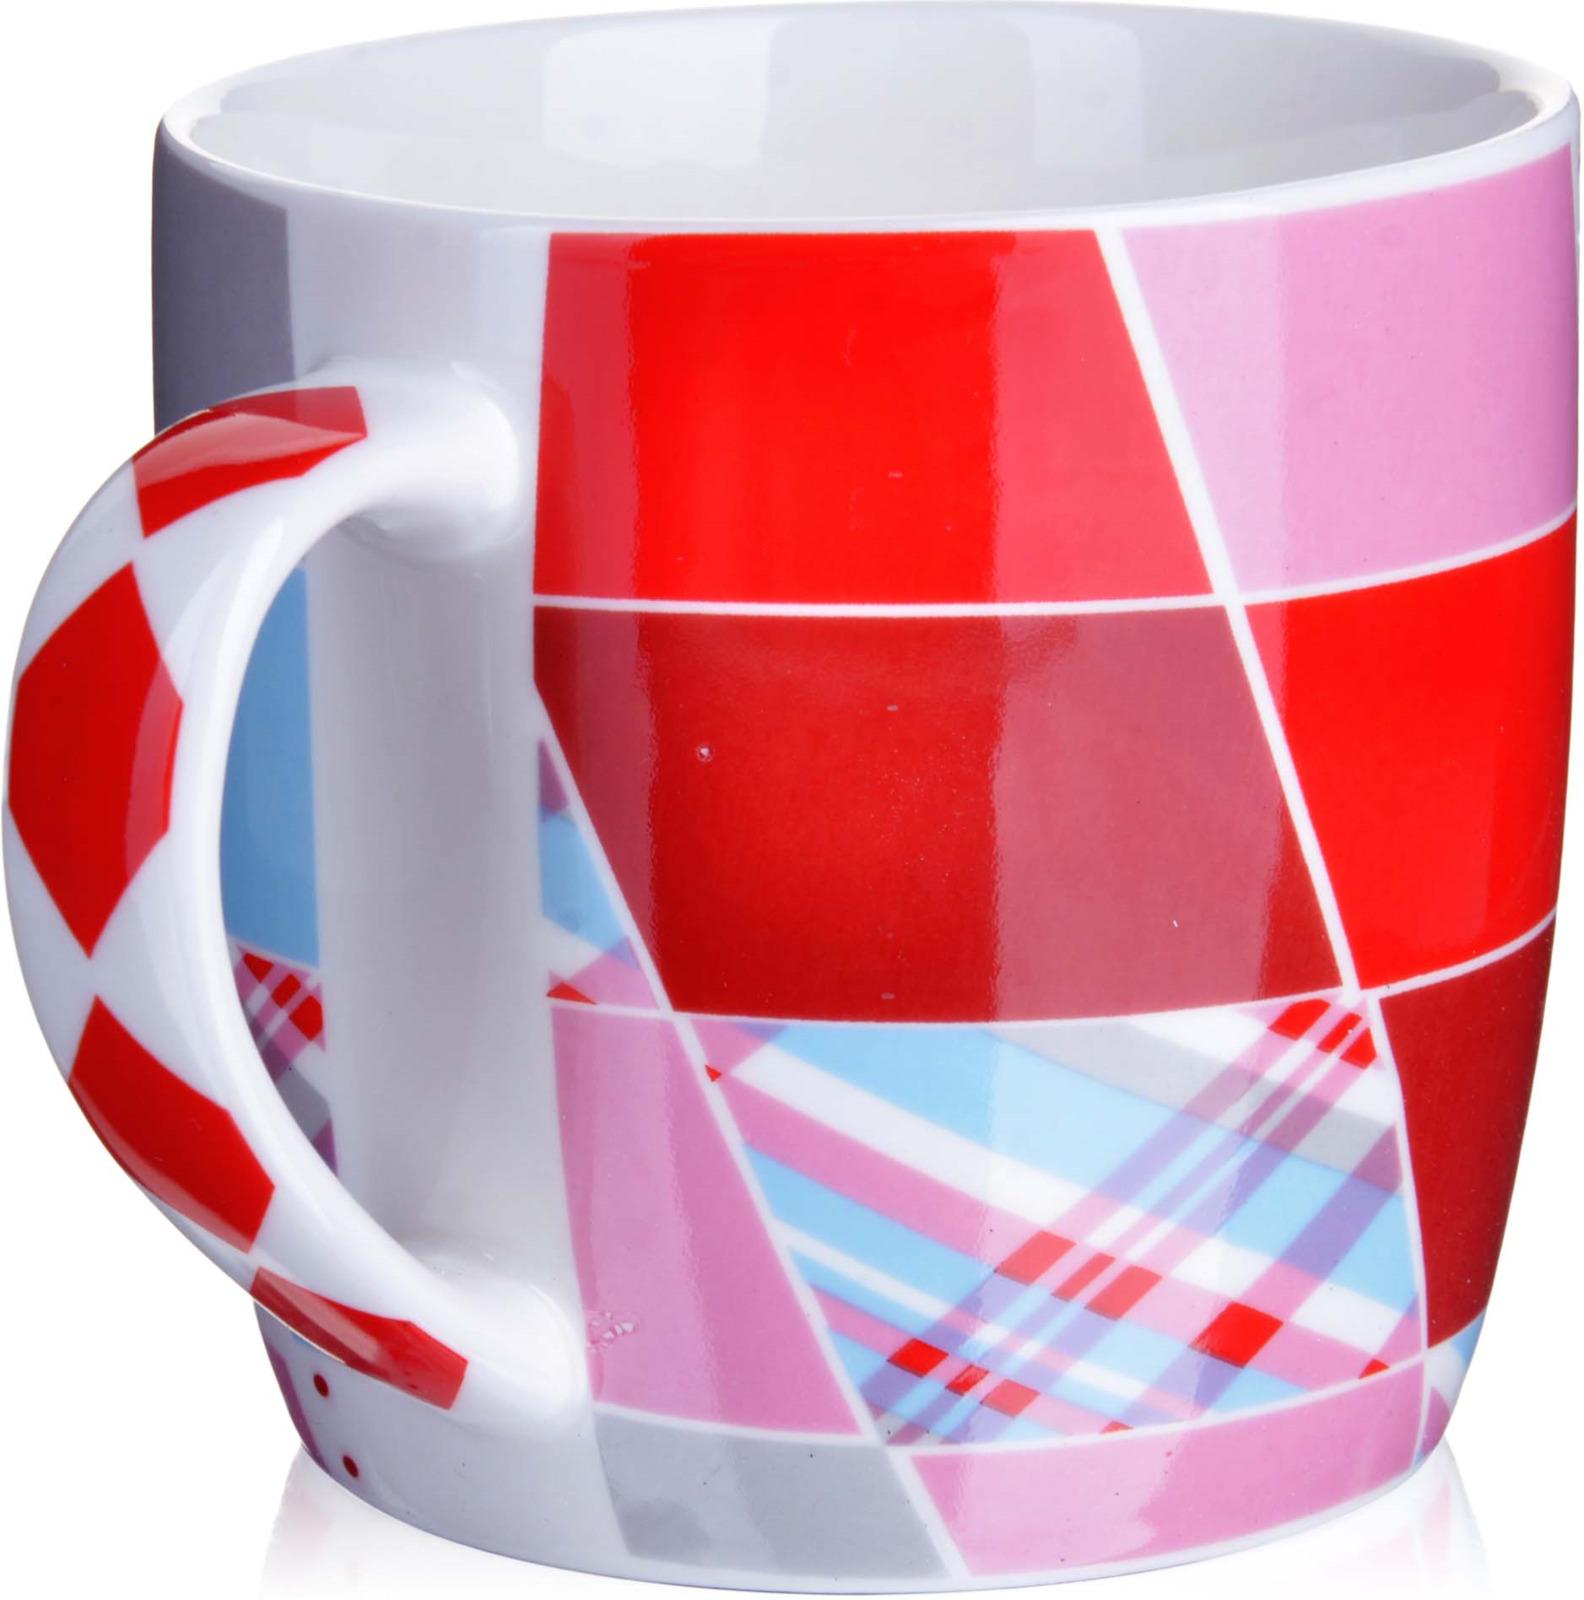 Кружка Loraine, цвет: белый, голубой, розовый, красный, 320 мл. у3699 кружка loraine i love you цвет белый красный розовый 320 мл